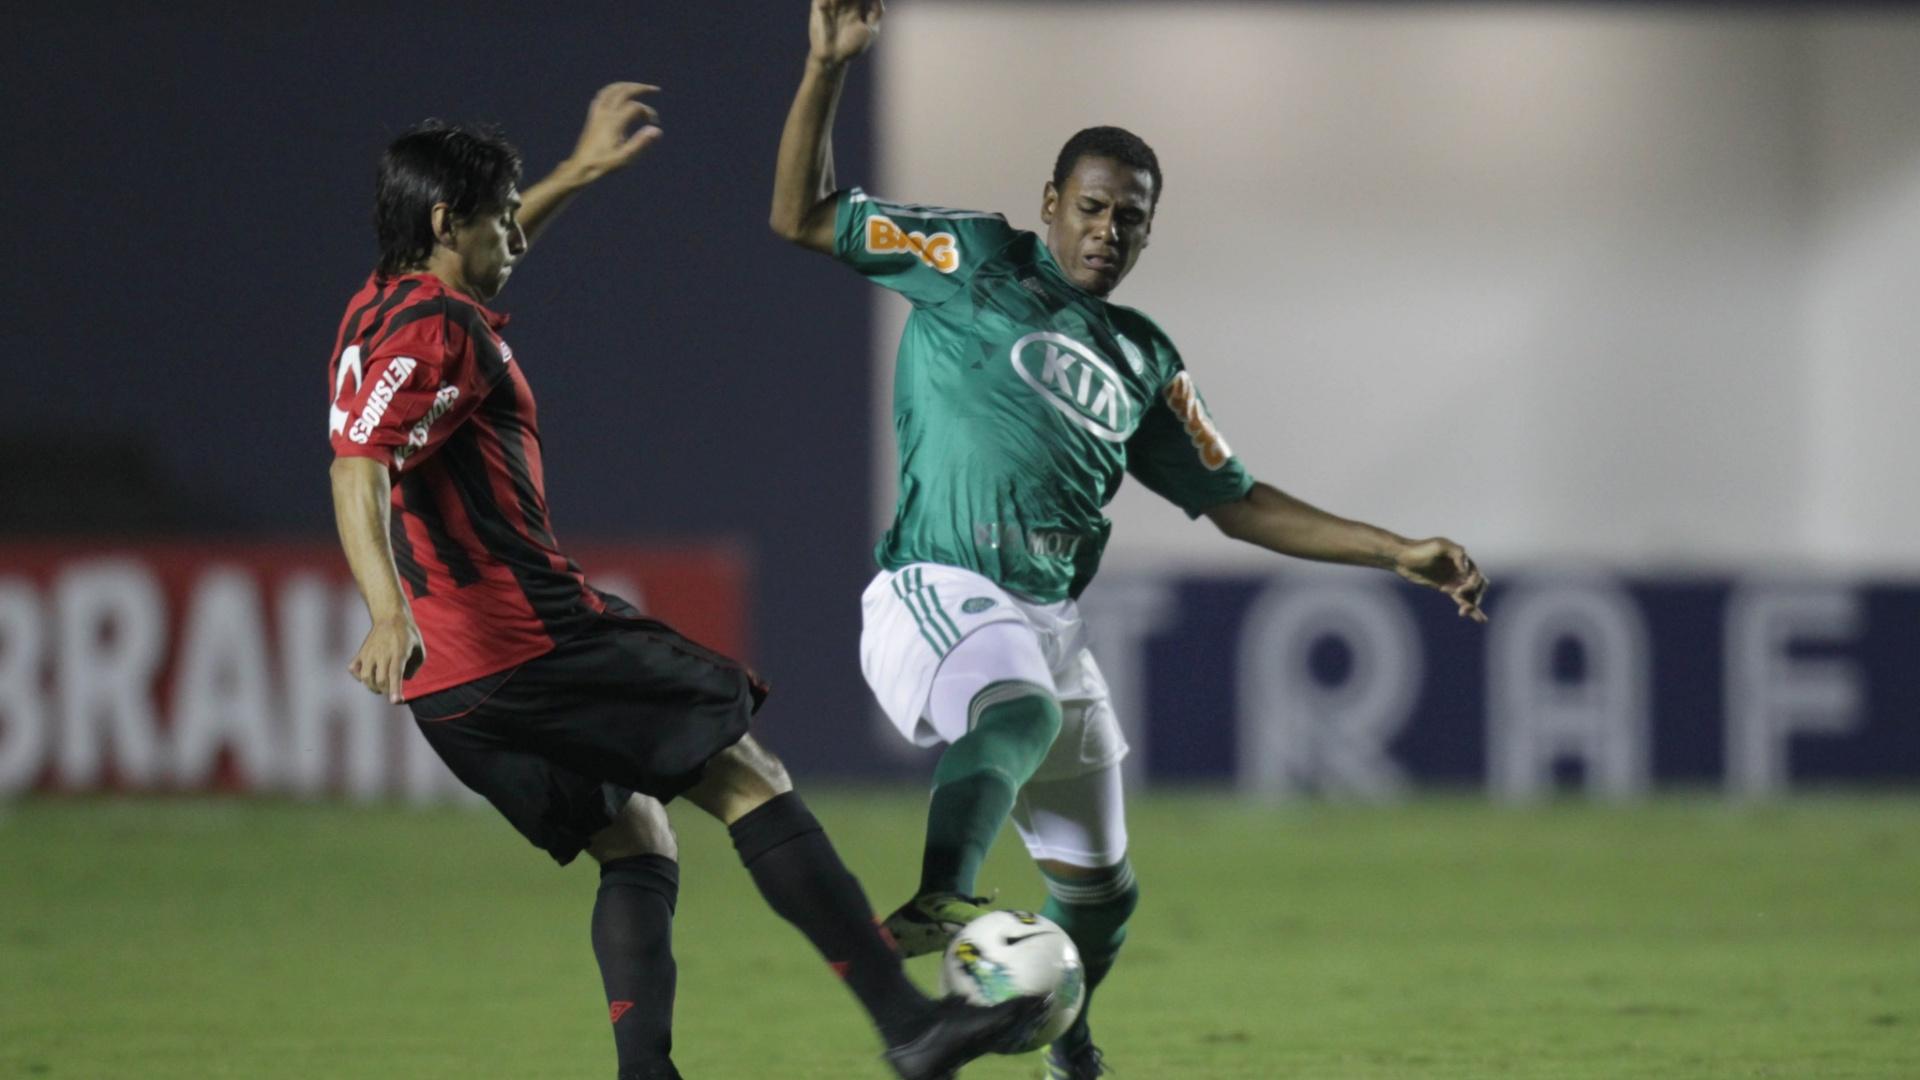 Na Arena Barueri, Palmeiras e Atlético-PR se enfrentam na disputa por vaga nas semifinais da Copa do Brasil